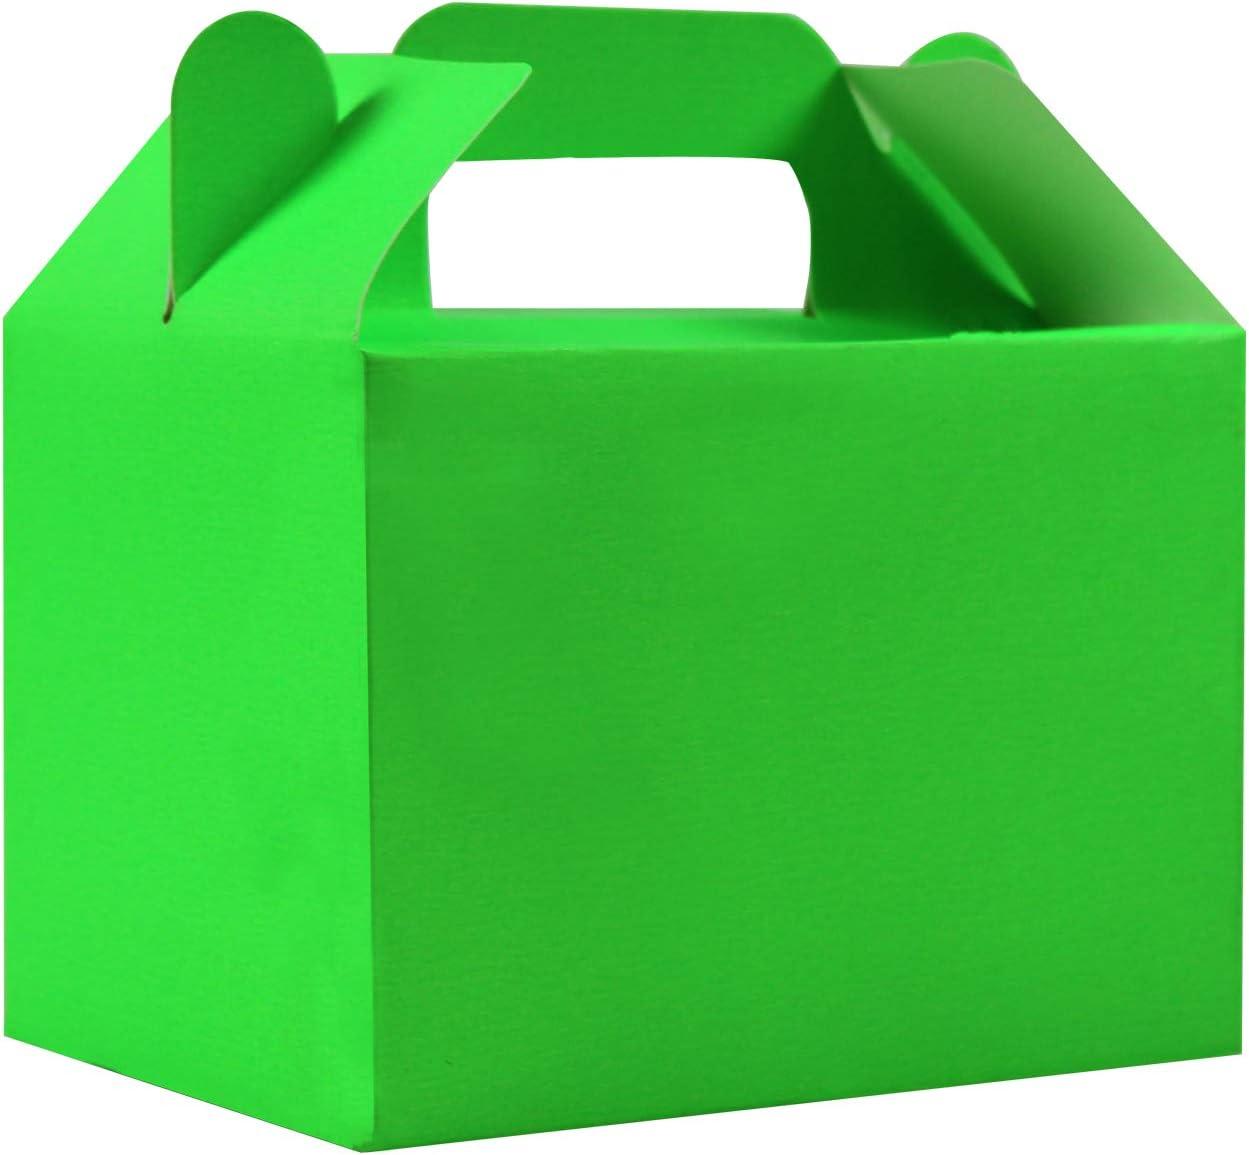 Stomping Ground Toys Cajas para Dulces - 12 Cajas de cumpleaños Colores Arcoíris - Cajas Galletas - Cajas Regalo Personalizadas para Baby Shower, Fiestas Niños, Manualidades